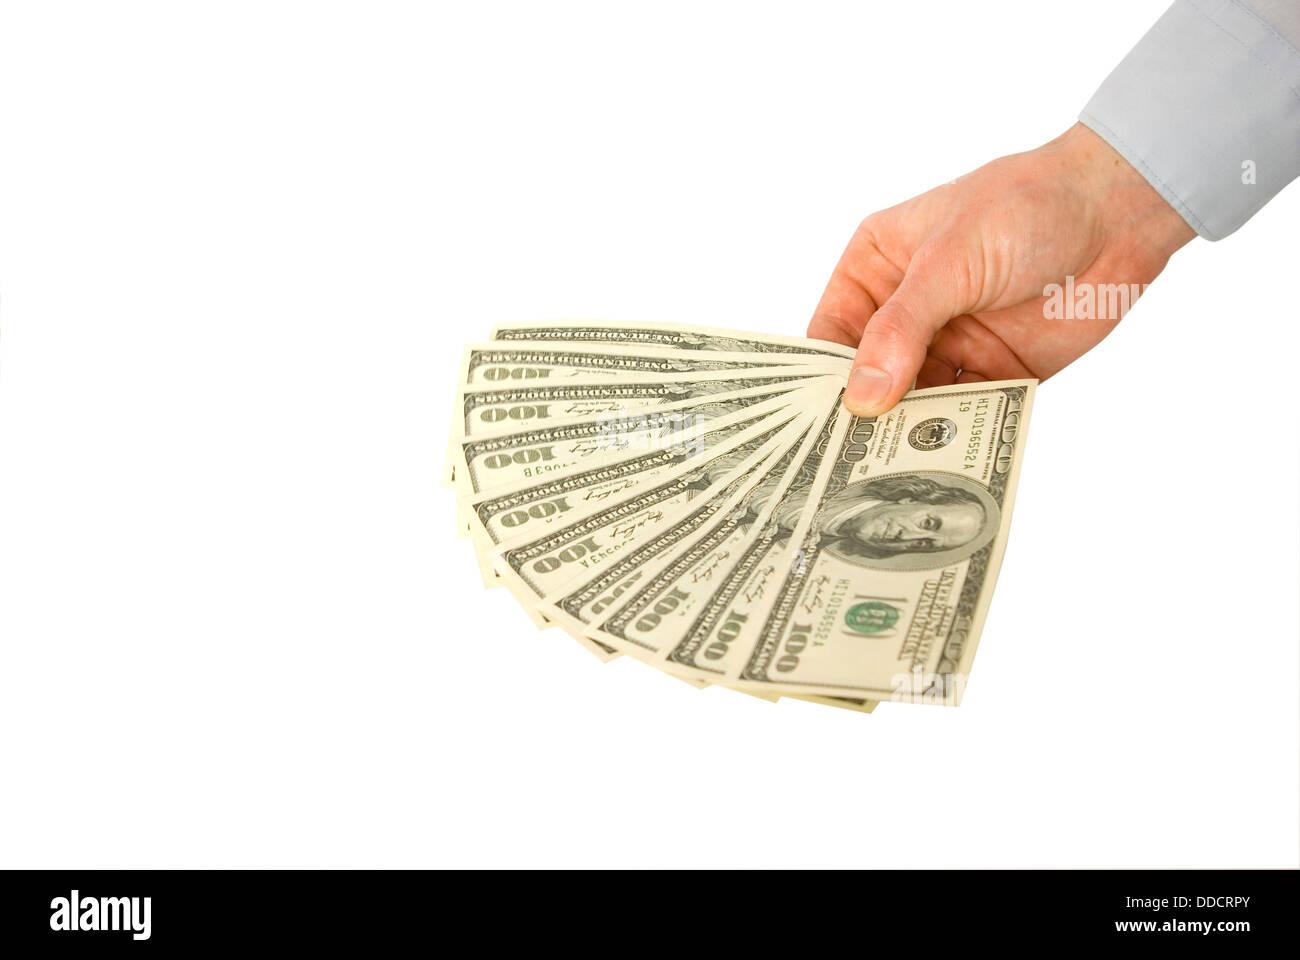 Money in hands - Stock Image